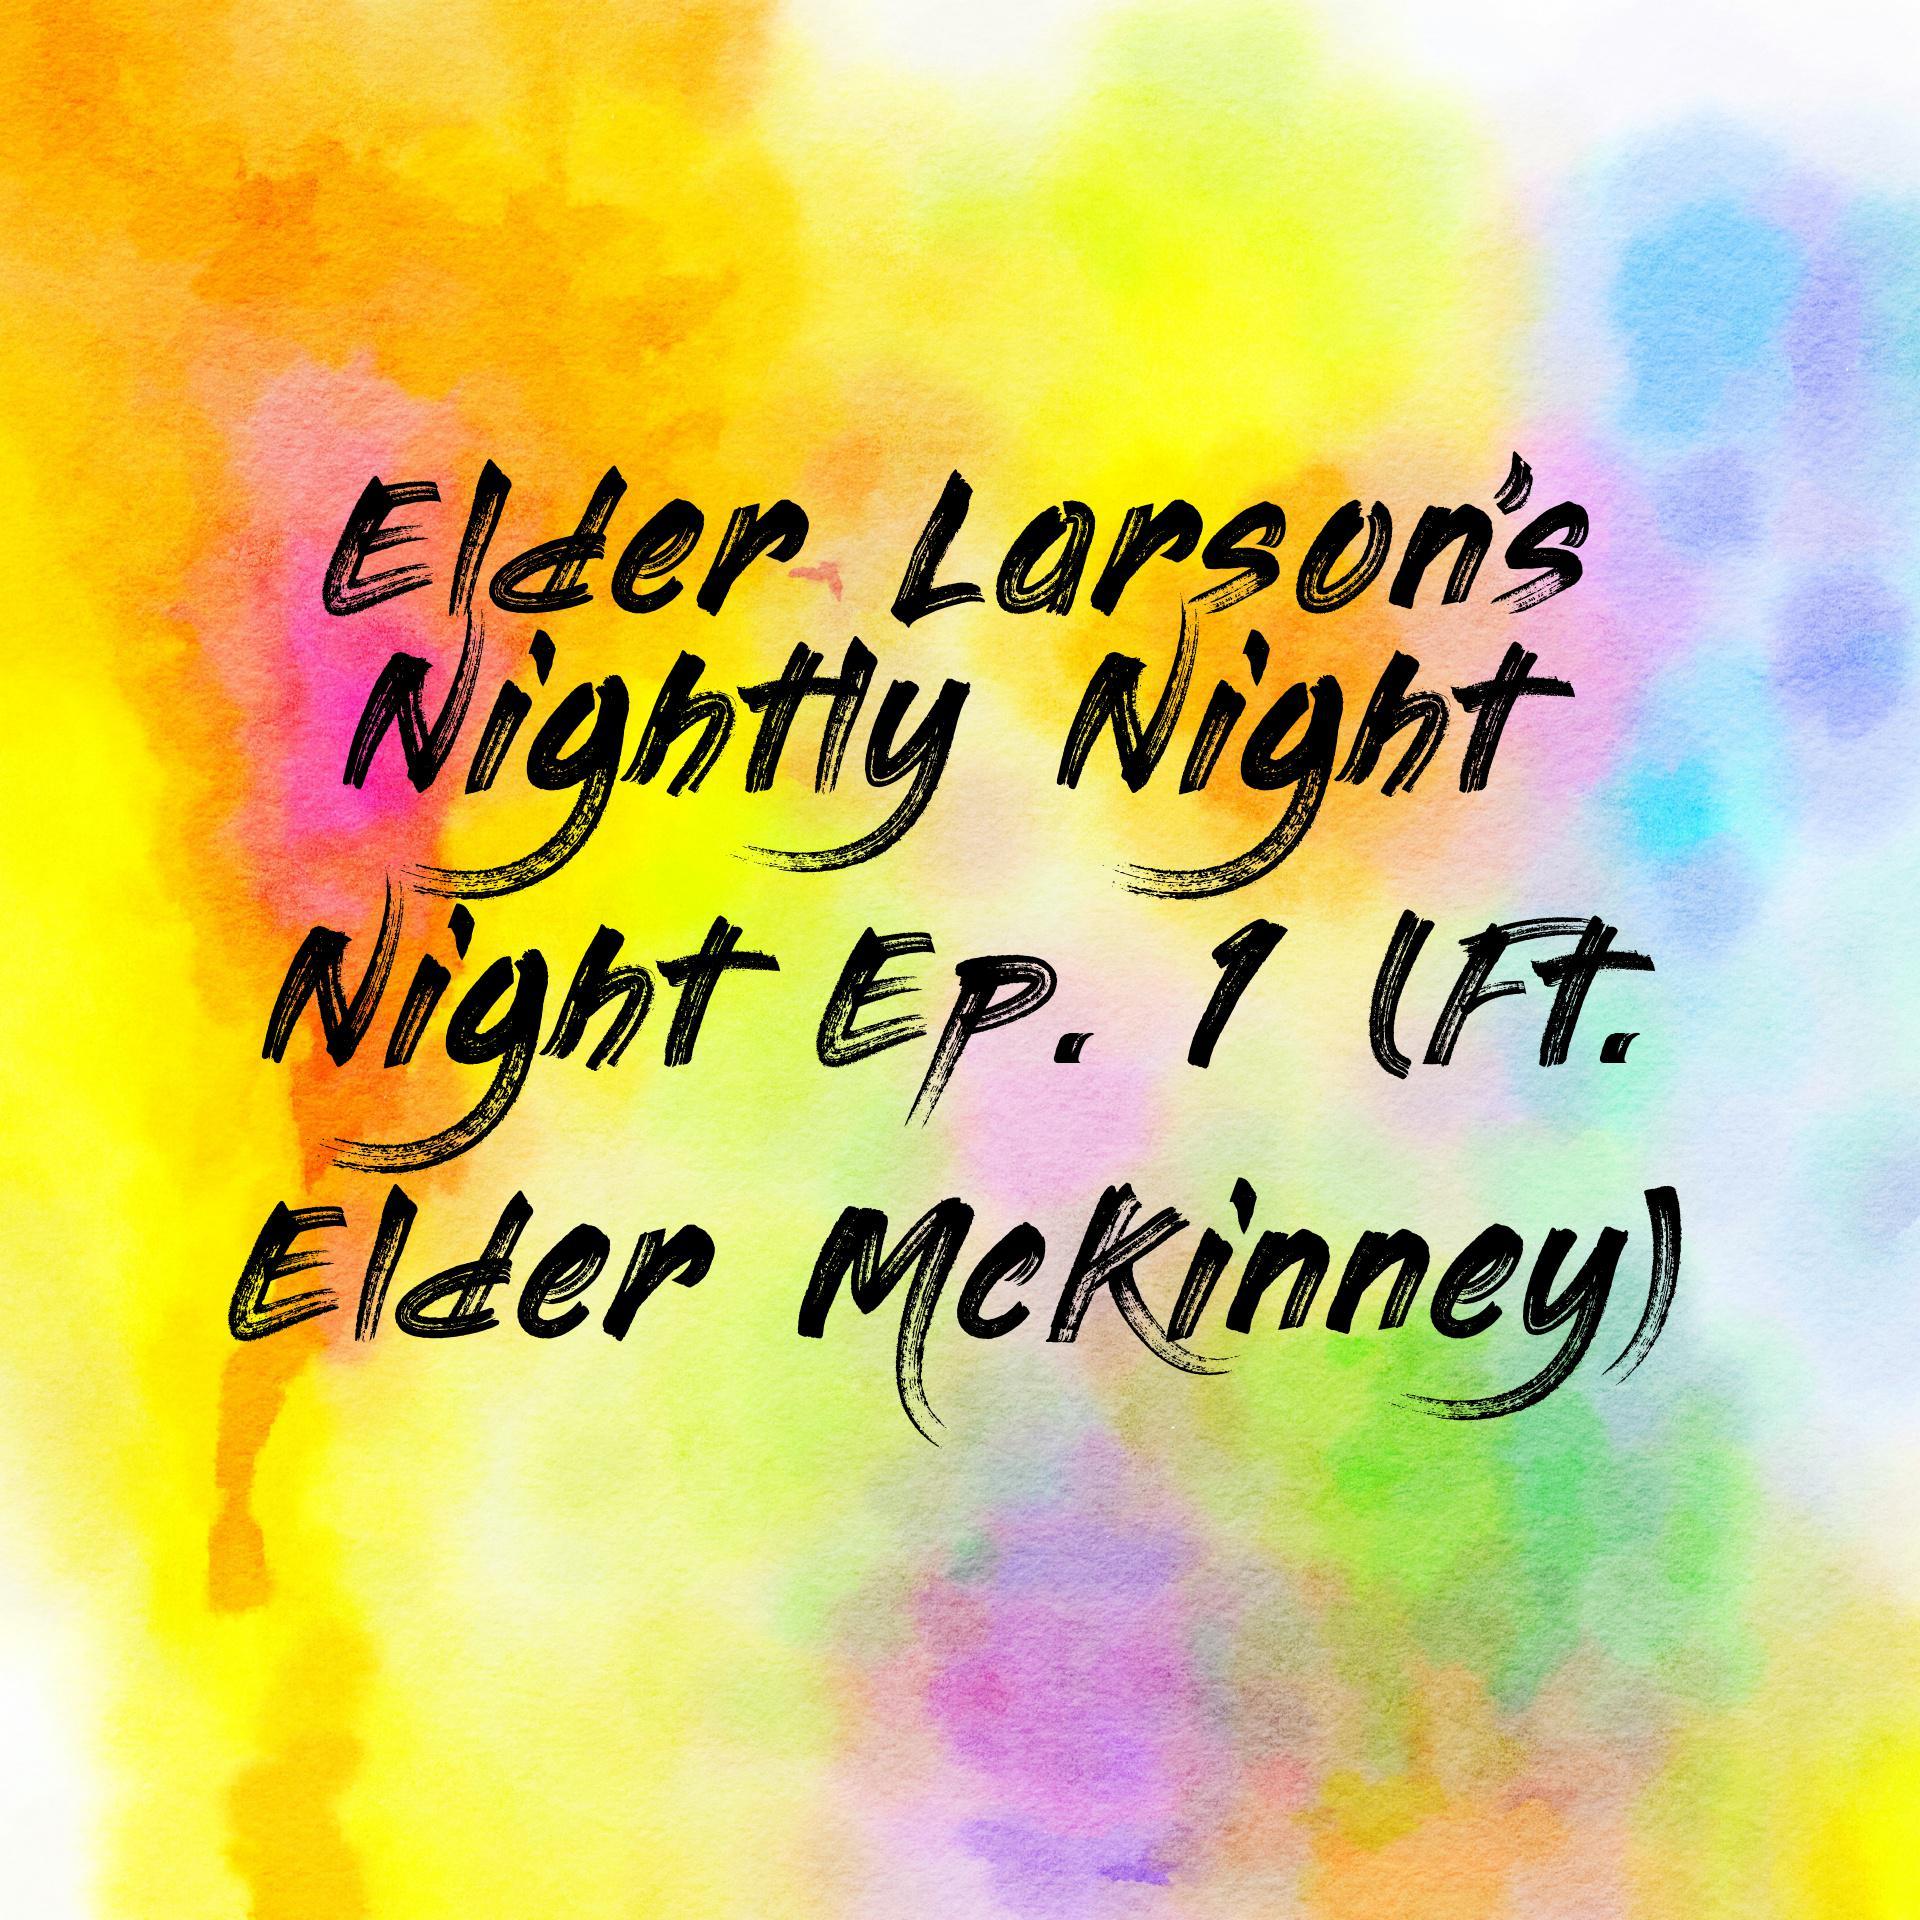 Elder Larson's Nightly Night Night